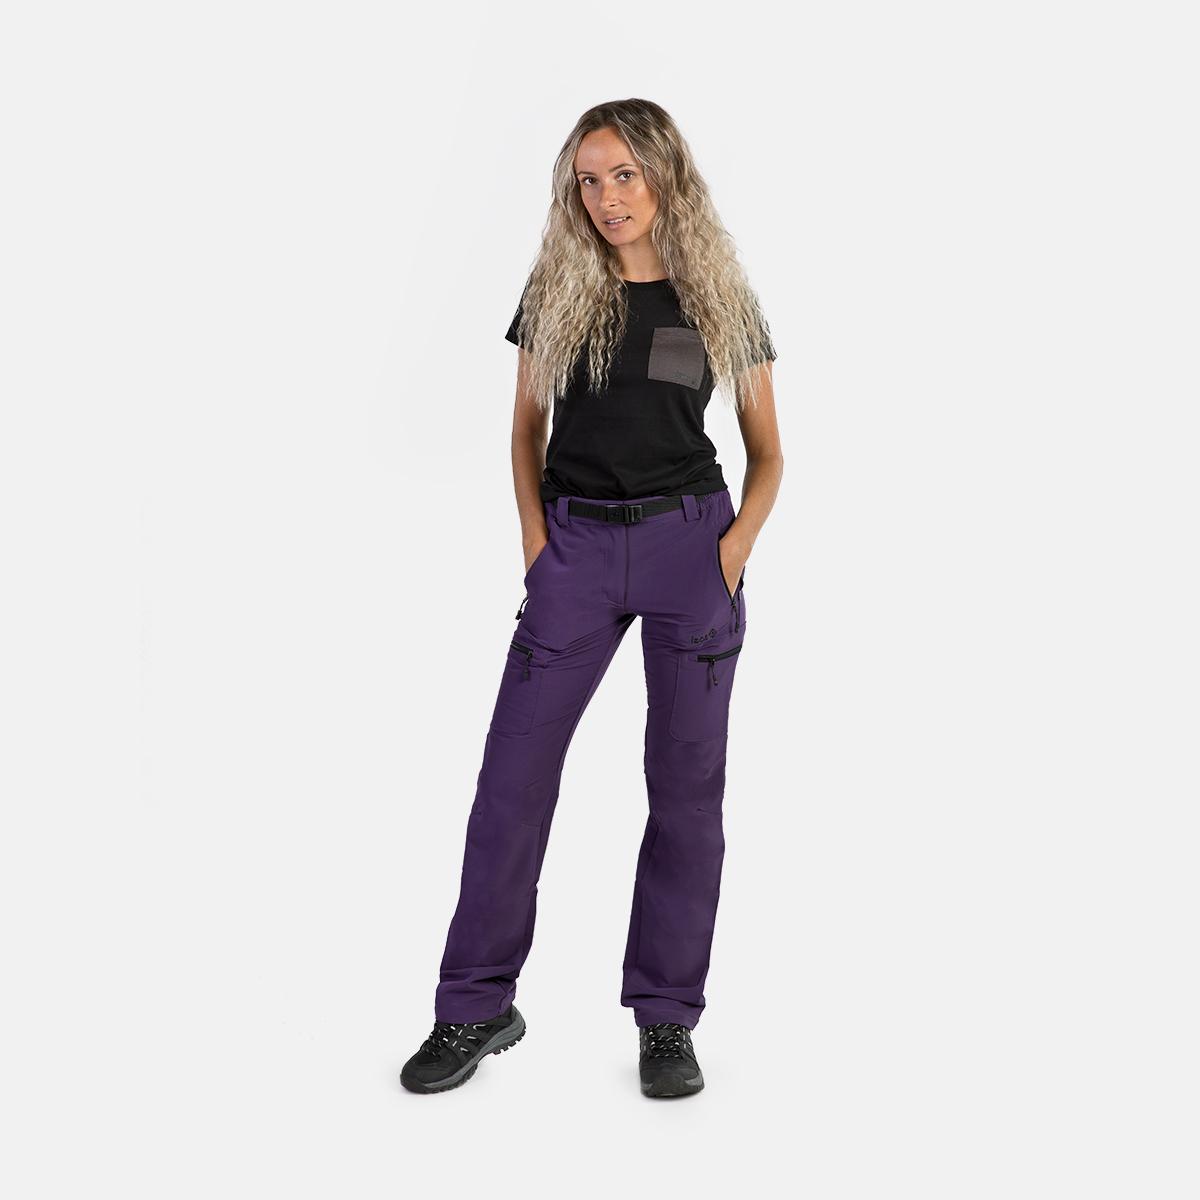 WOMAN'S WENGEN STRETCH PANT PURPLE